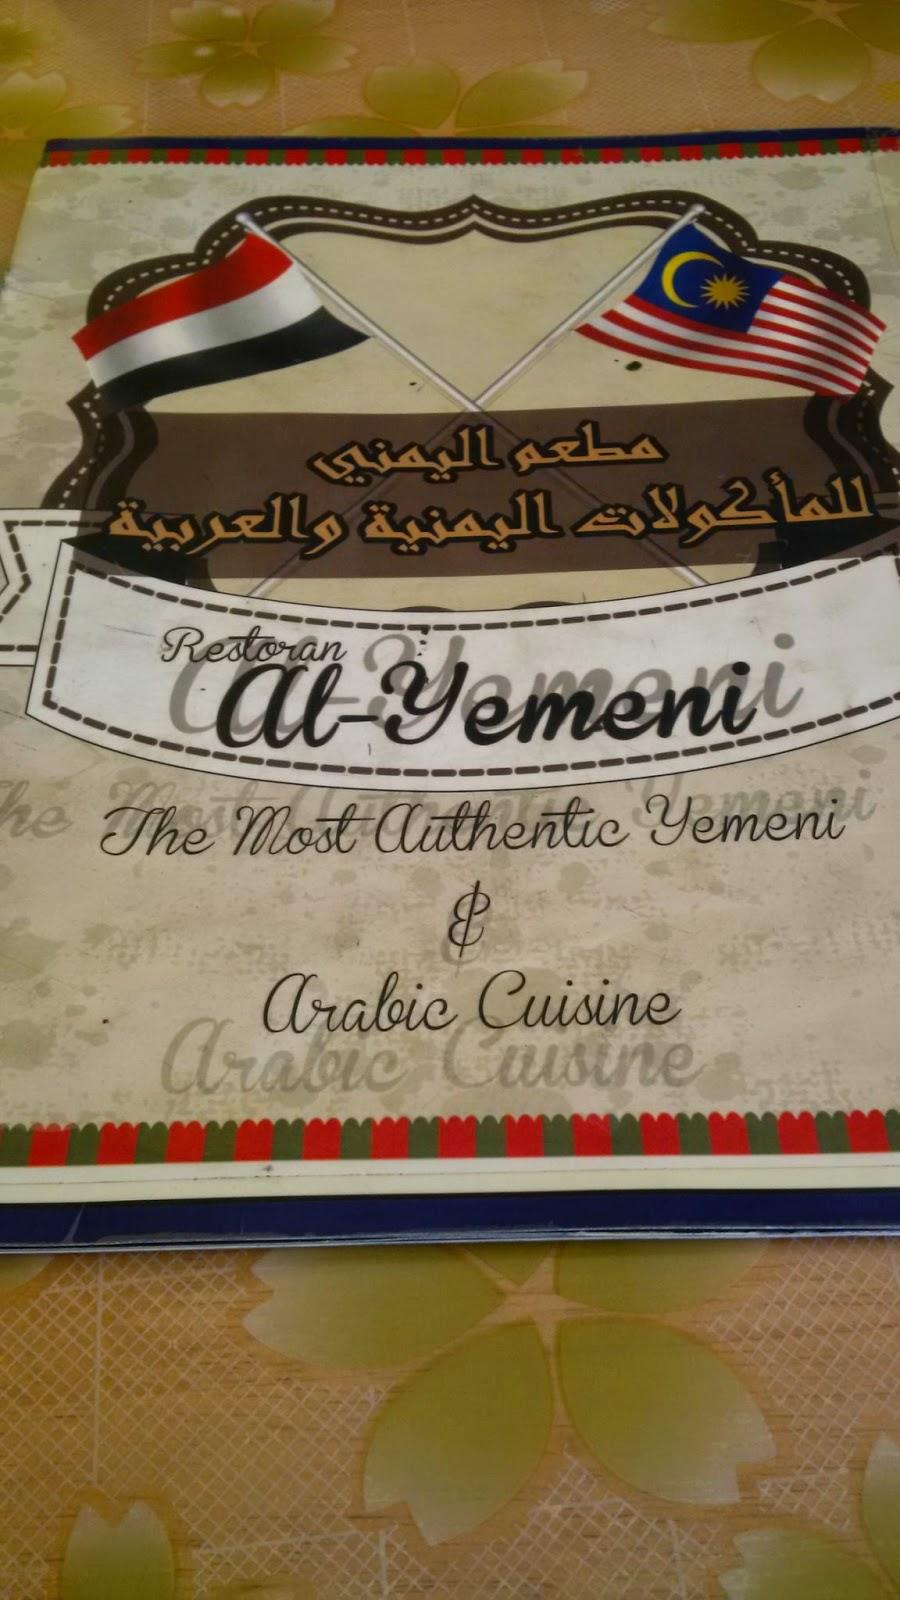 restaurant al yemeni, restaurant arab alor setar, nasi arab malaysia, nasi arab alor setar, yemeni cusine, arab cusine, arab rice,